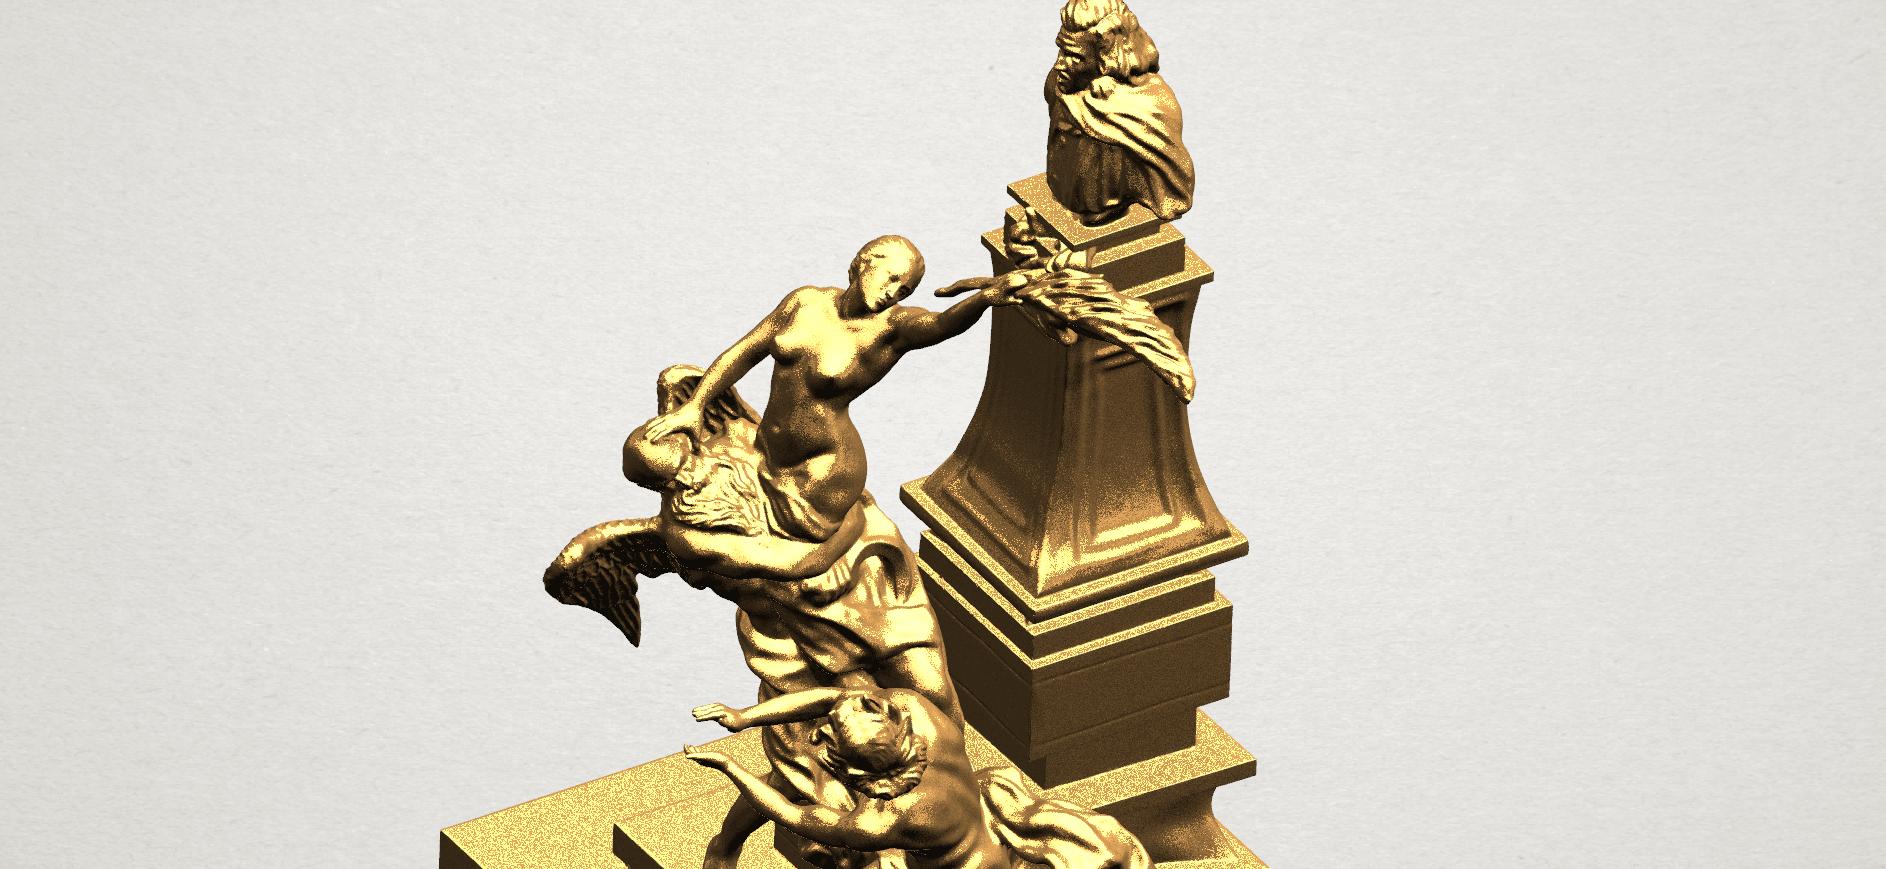 Statue 02 - A10.png Télécharger fichier STL gratuit Statue 02 • Plan pour impression 3D, GeorgesNikkei